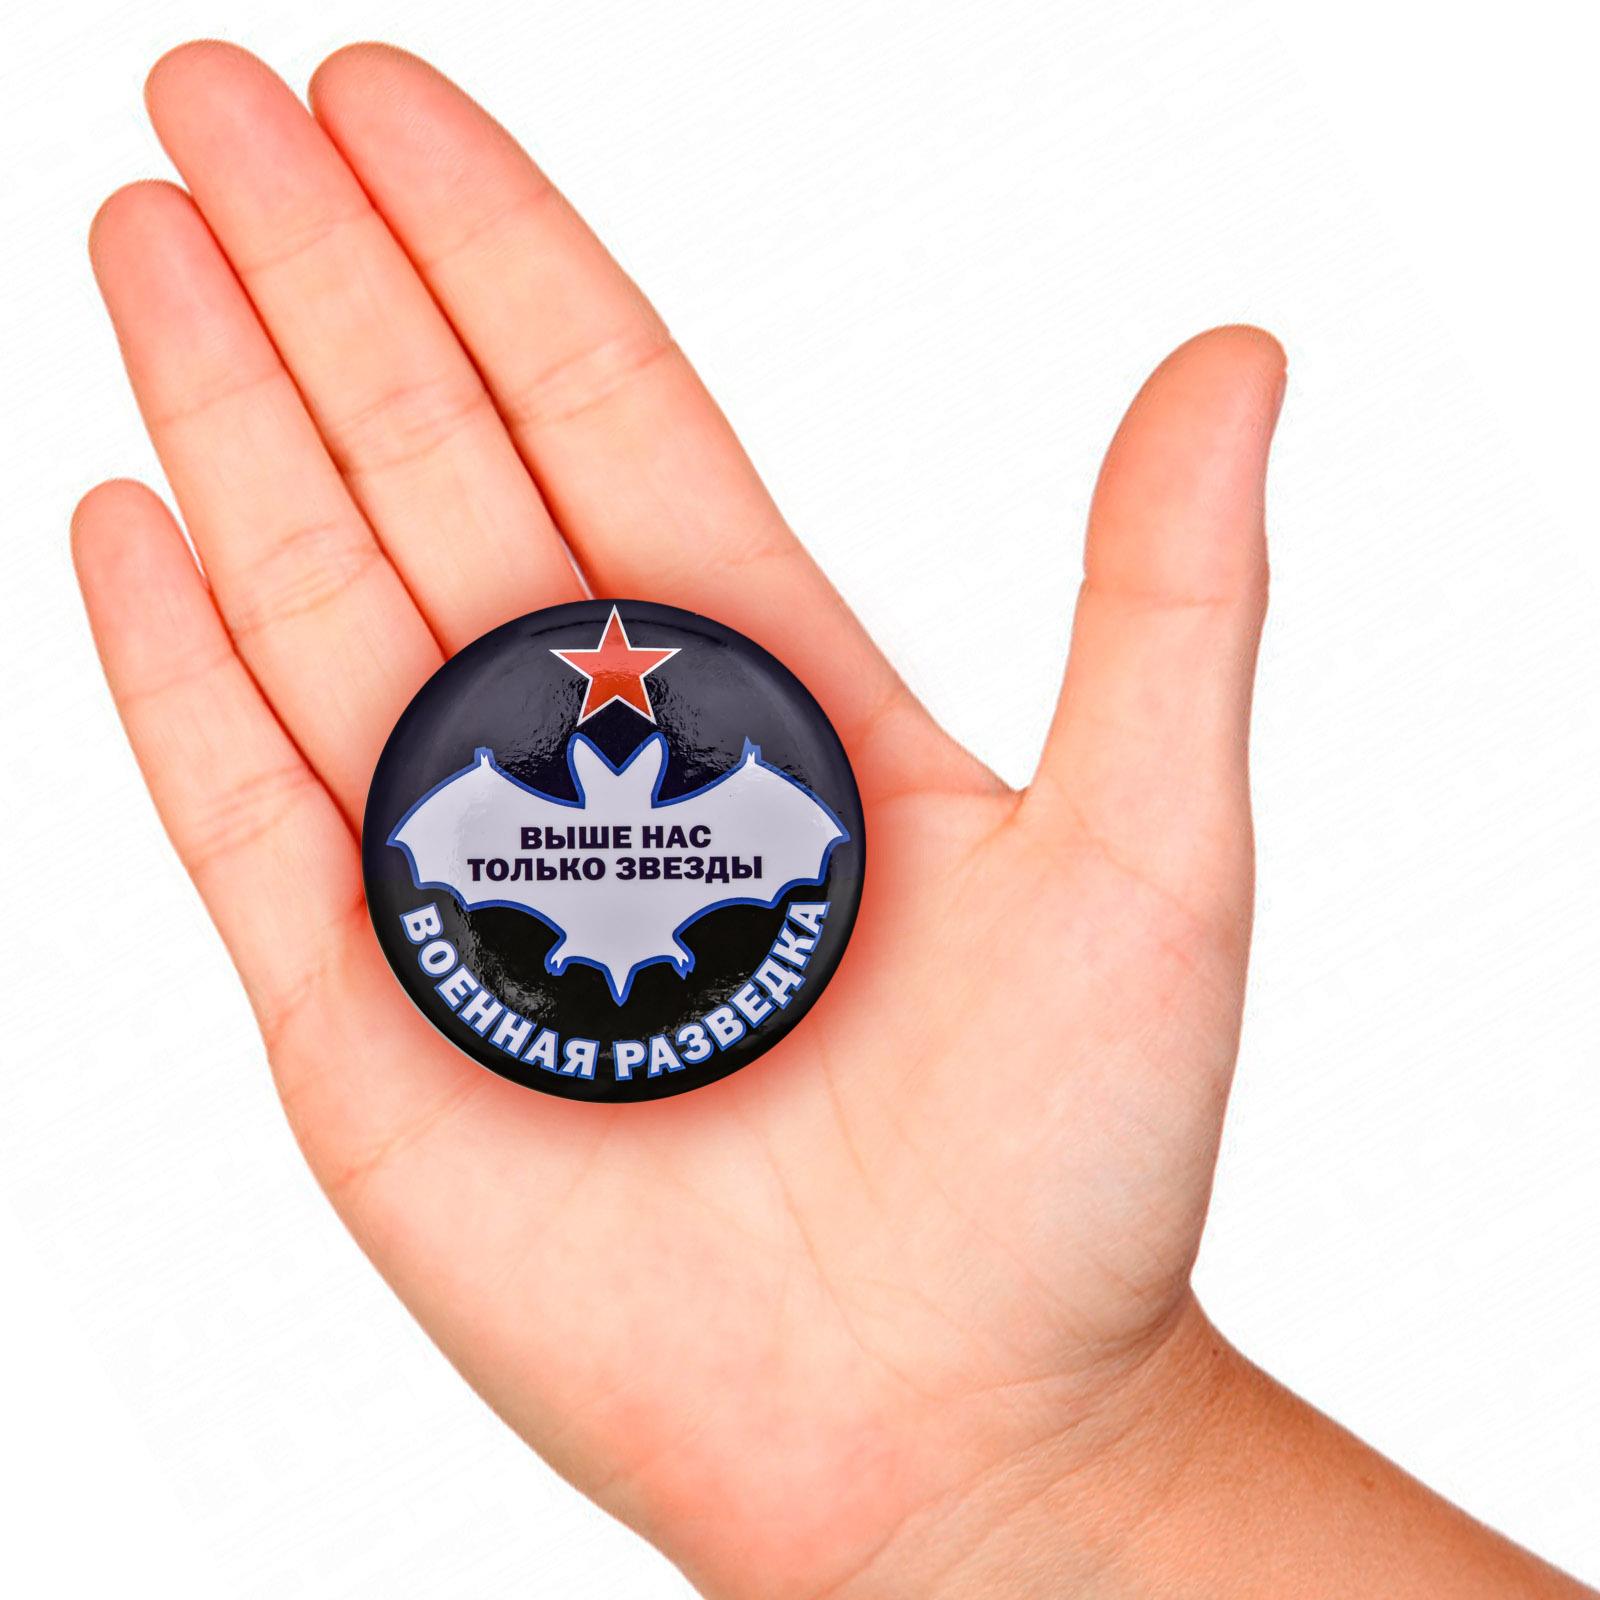 Закатный значок в подарок Военному разведчику